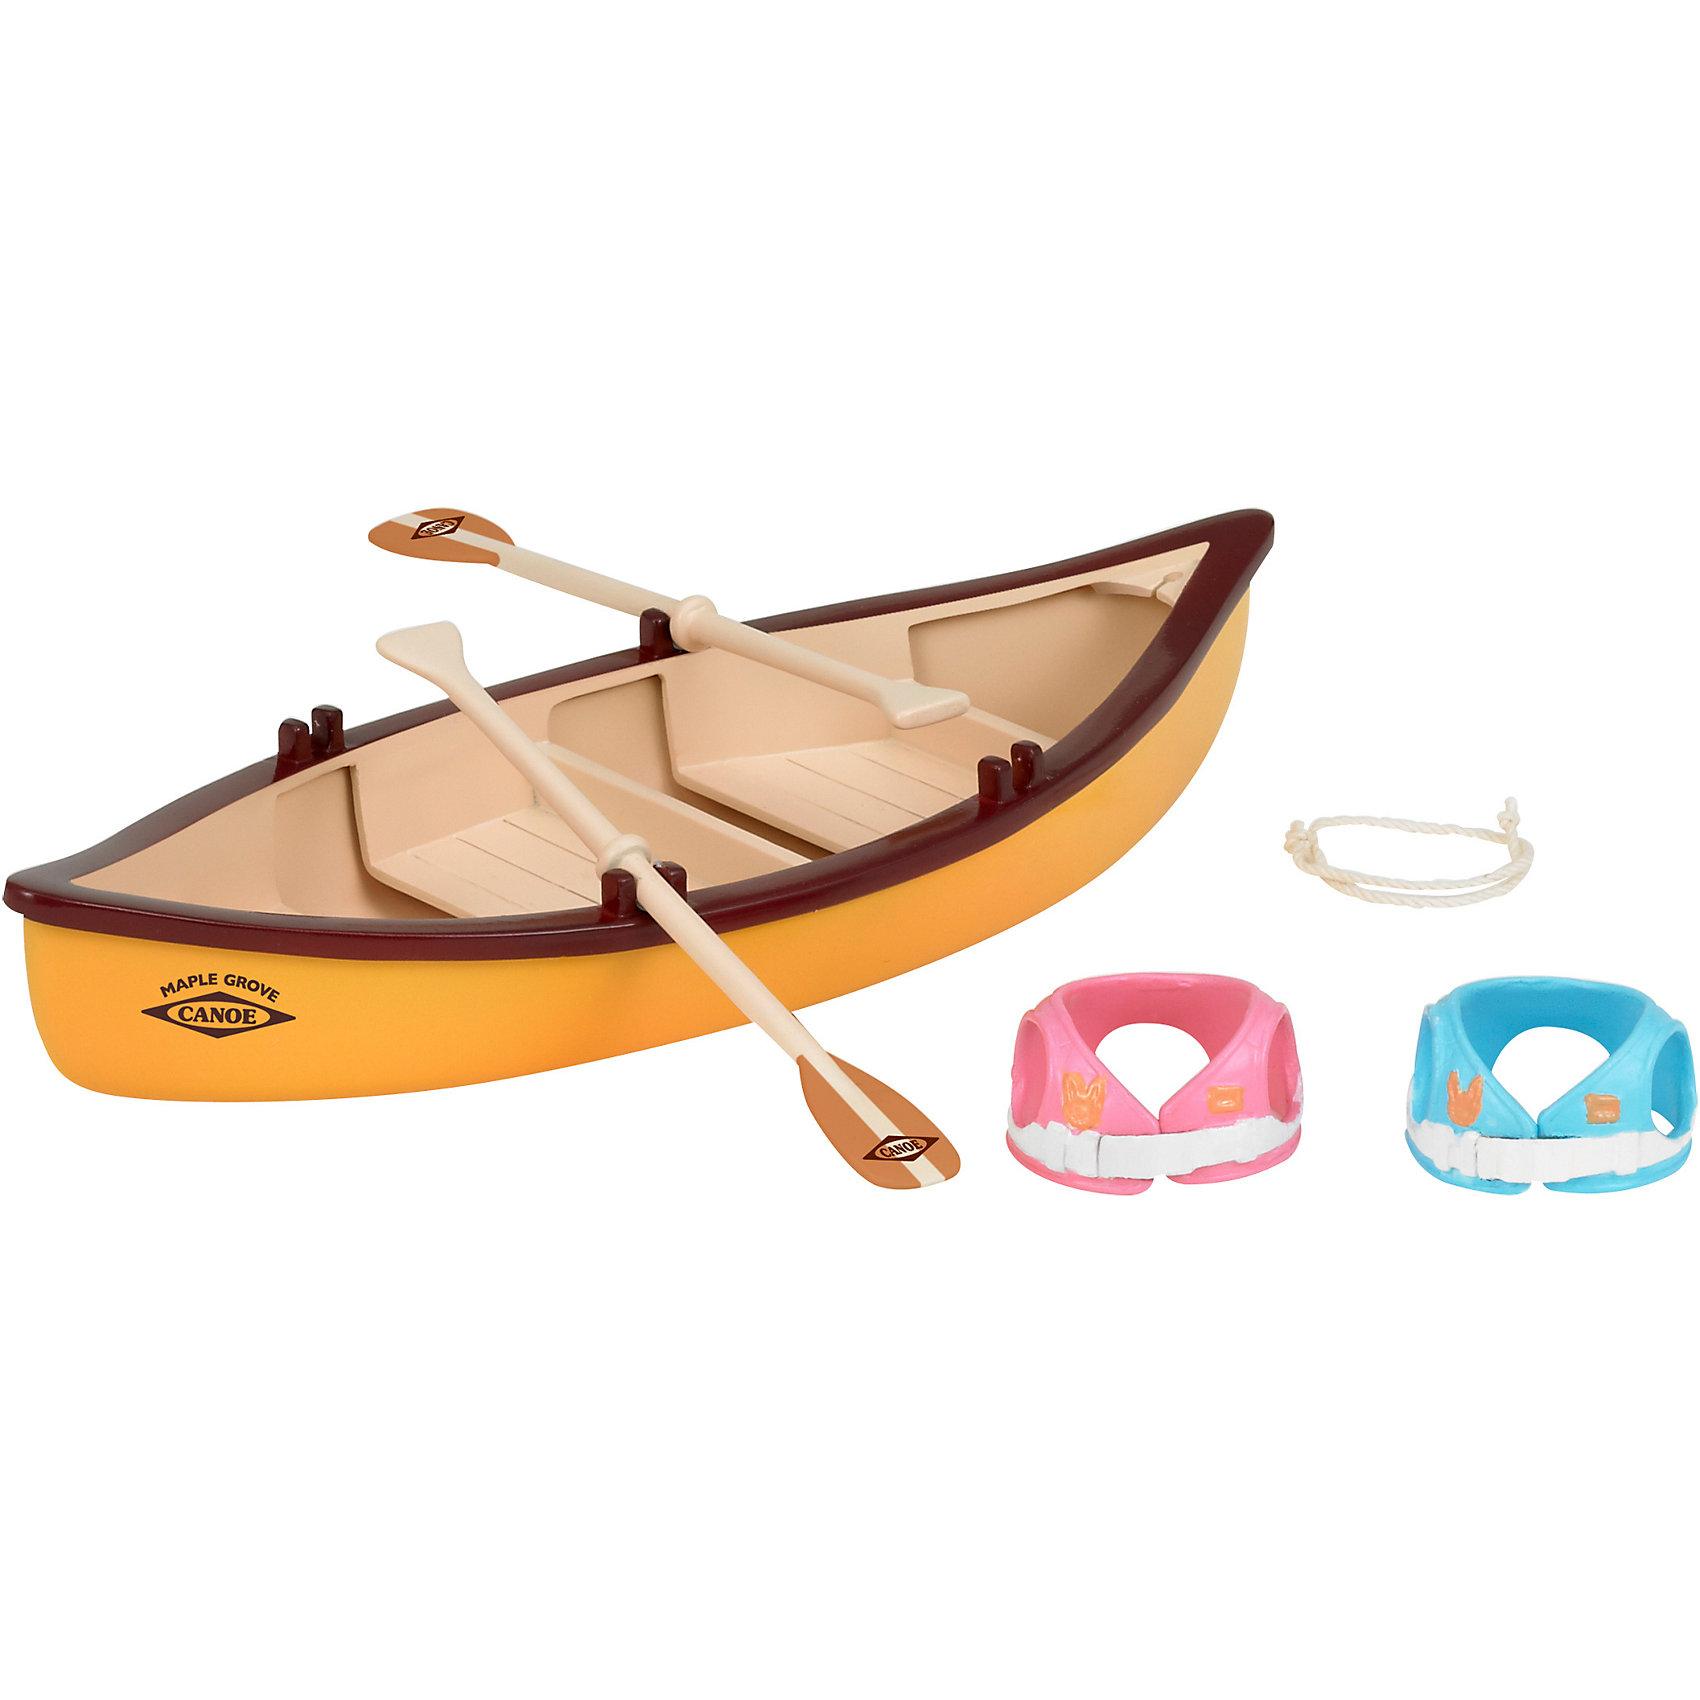 - Набор Лодка Sylvanian Families набор холодильник с продуктами sylvanian families